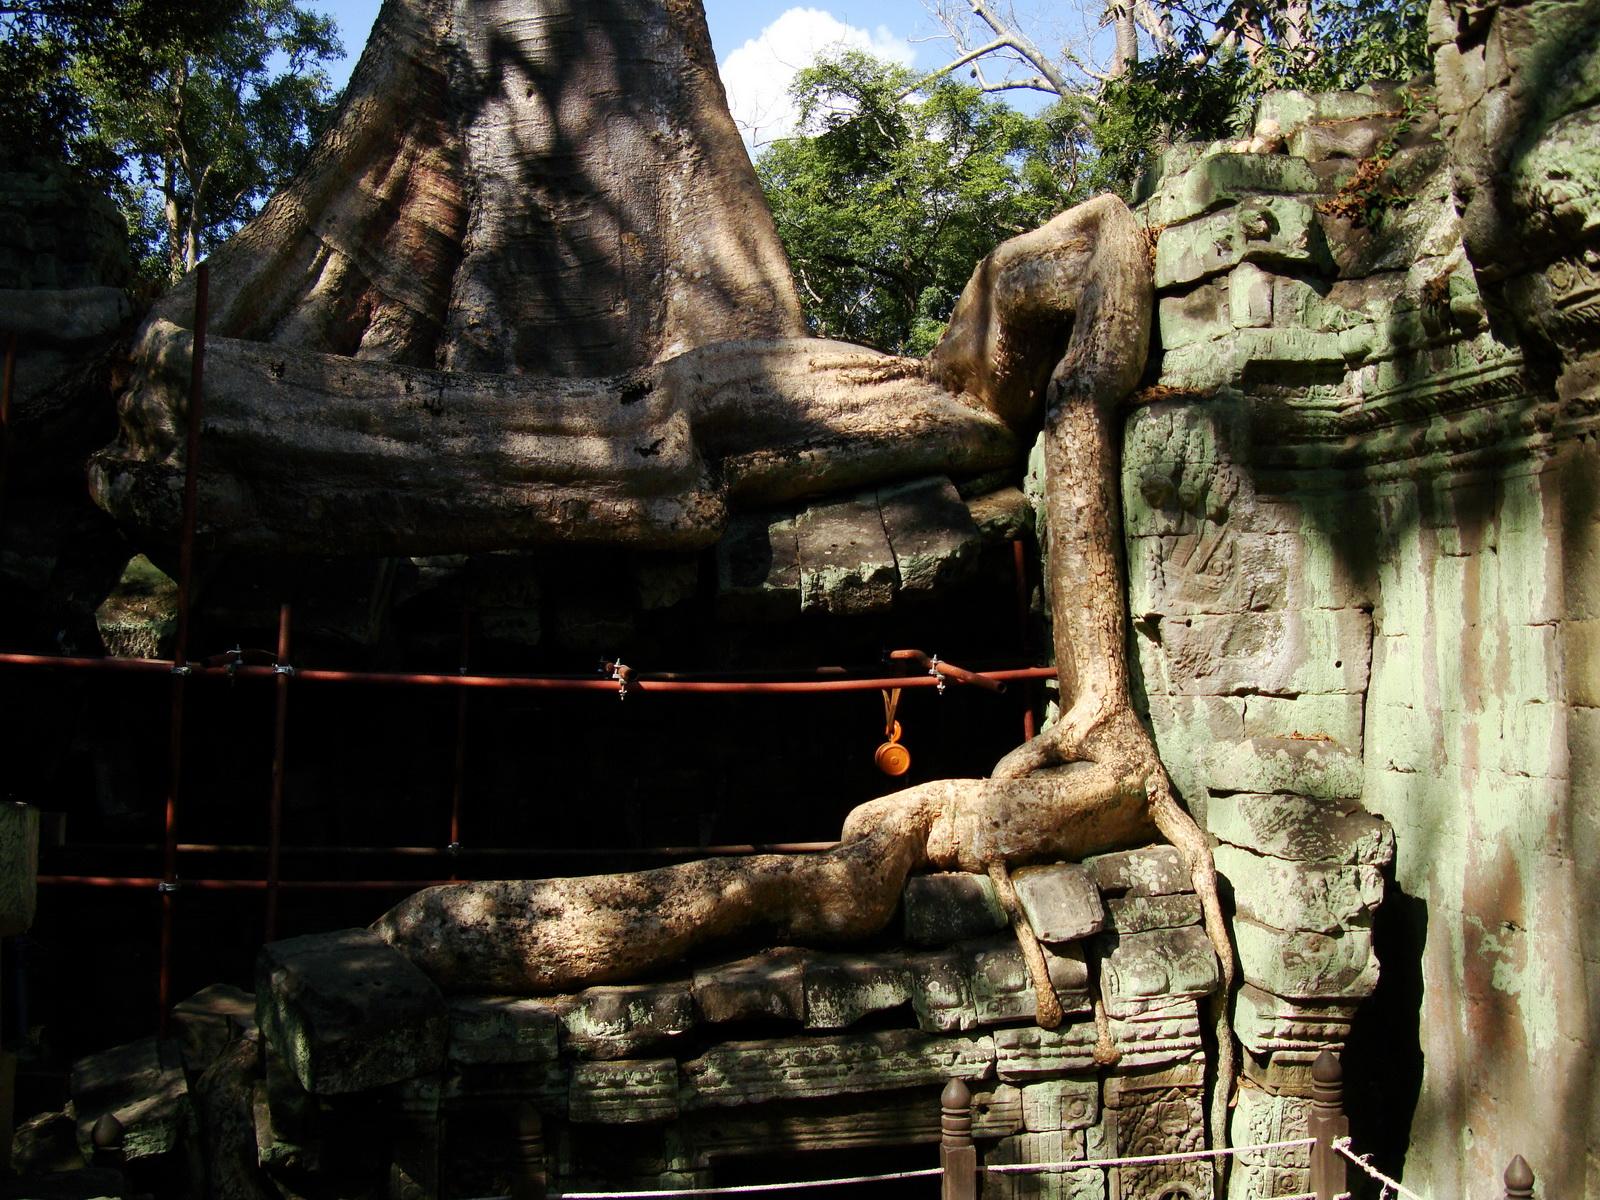 Ta Prohm Tomb Raider Bayon architecture central sanctuary area 15